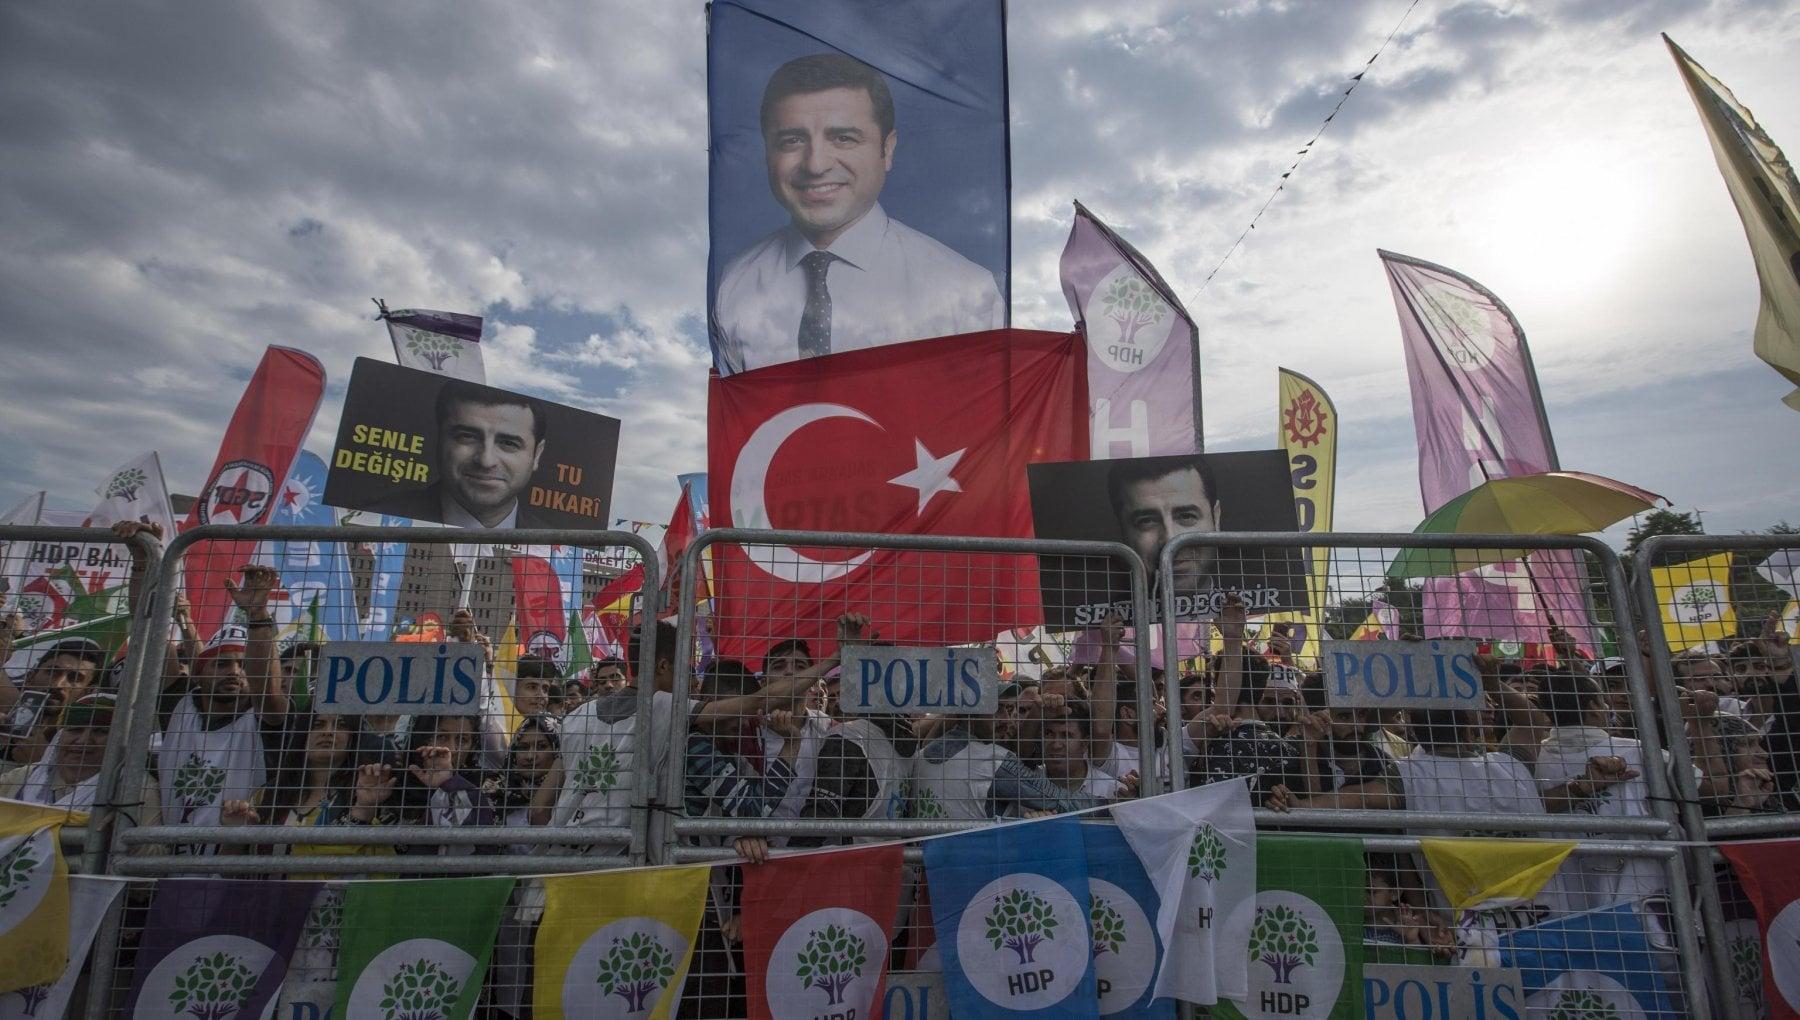 """021911747 98c3aebb c85e 414b 9ced 9ee44f71e7a2 - Usa: """"Ankara rispetti la libertà di espressione"""""""